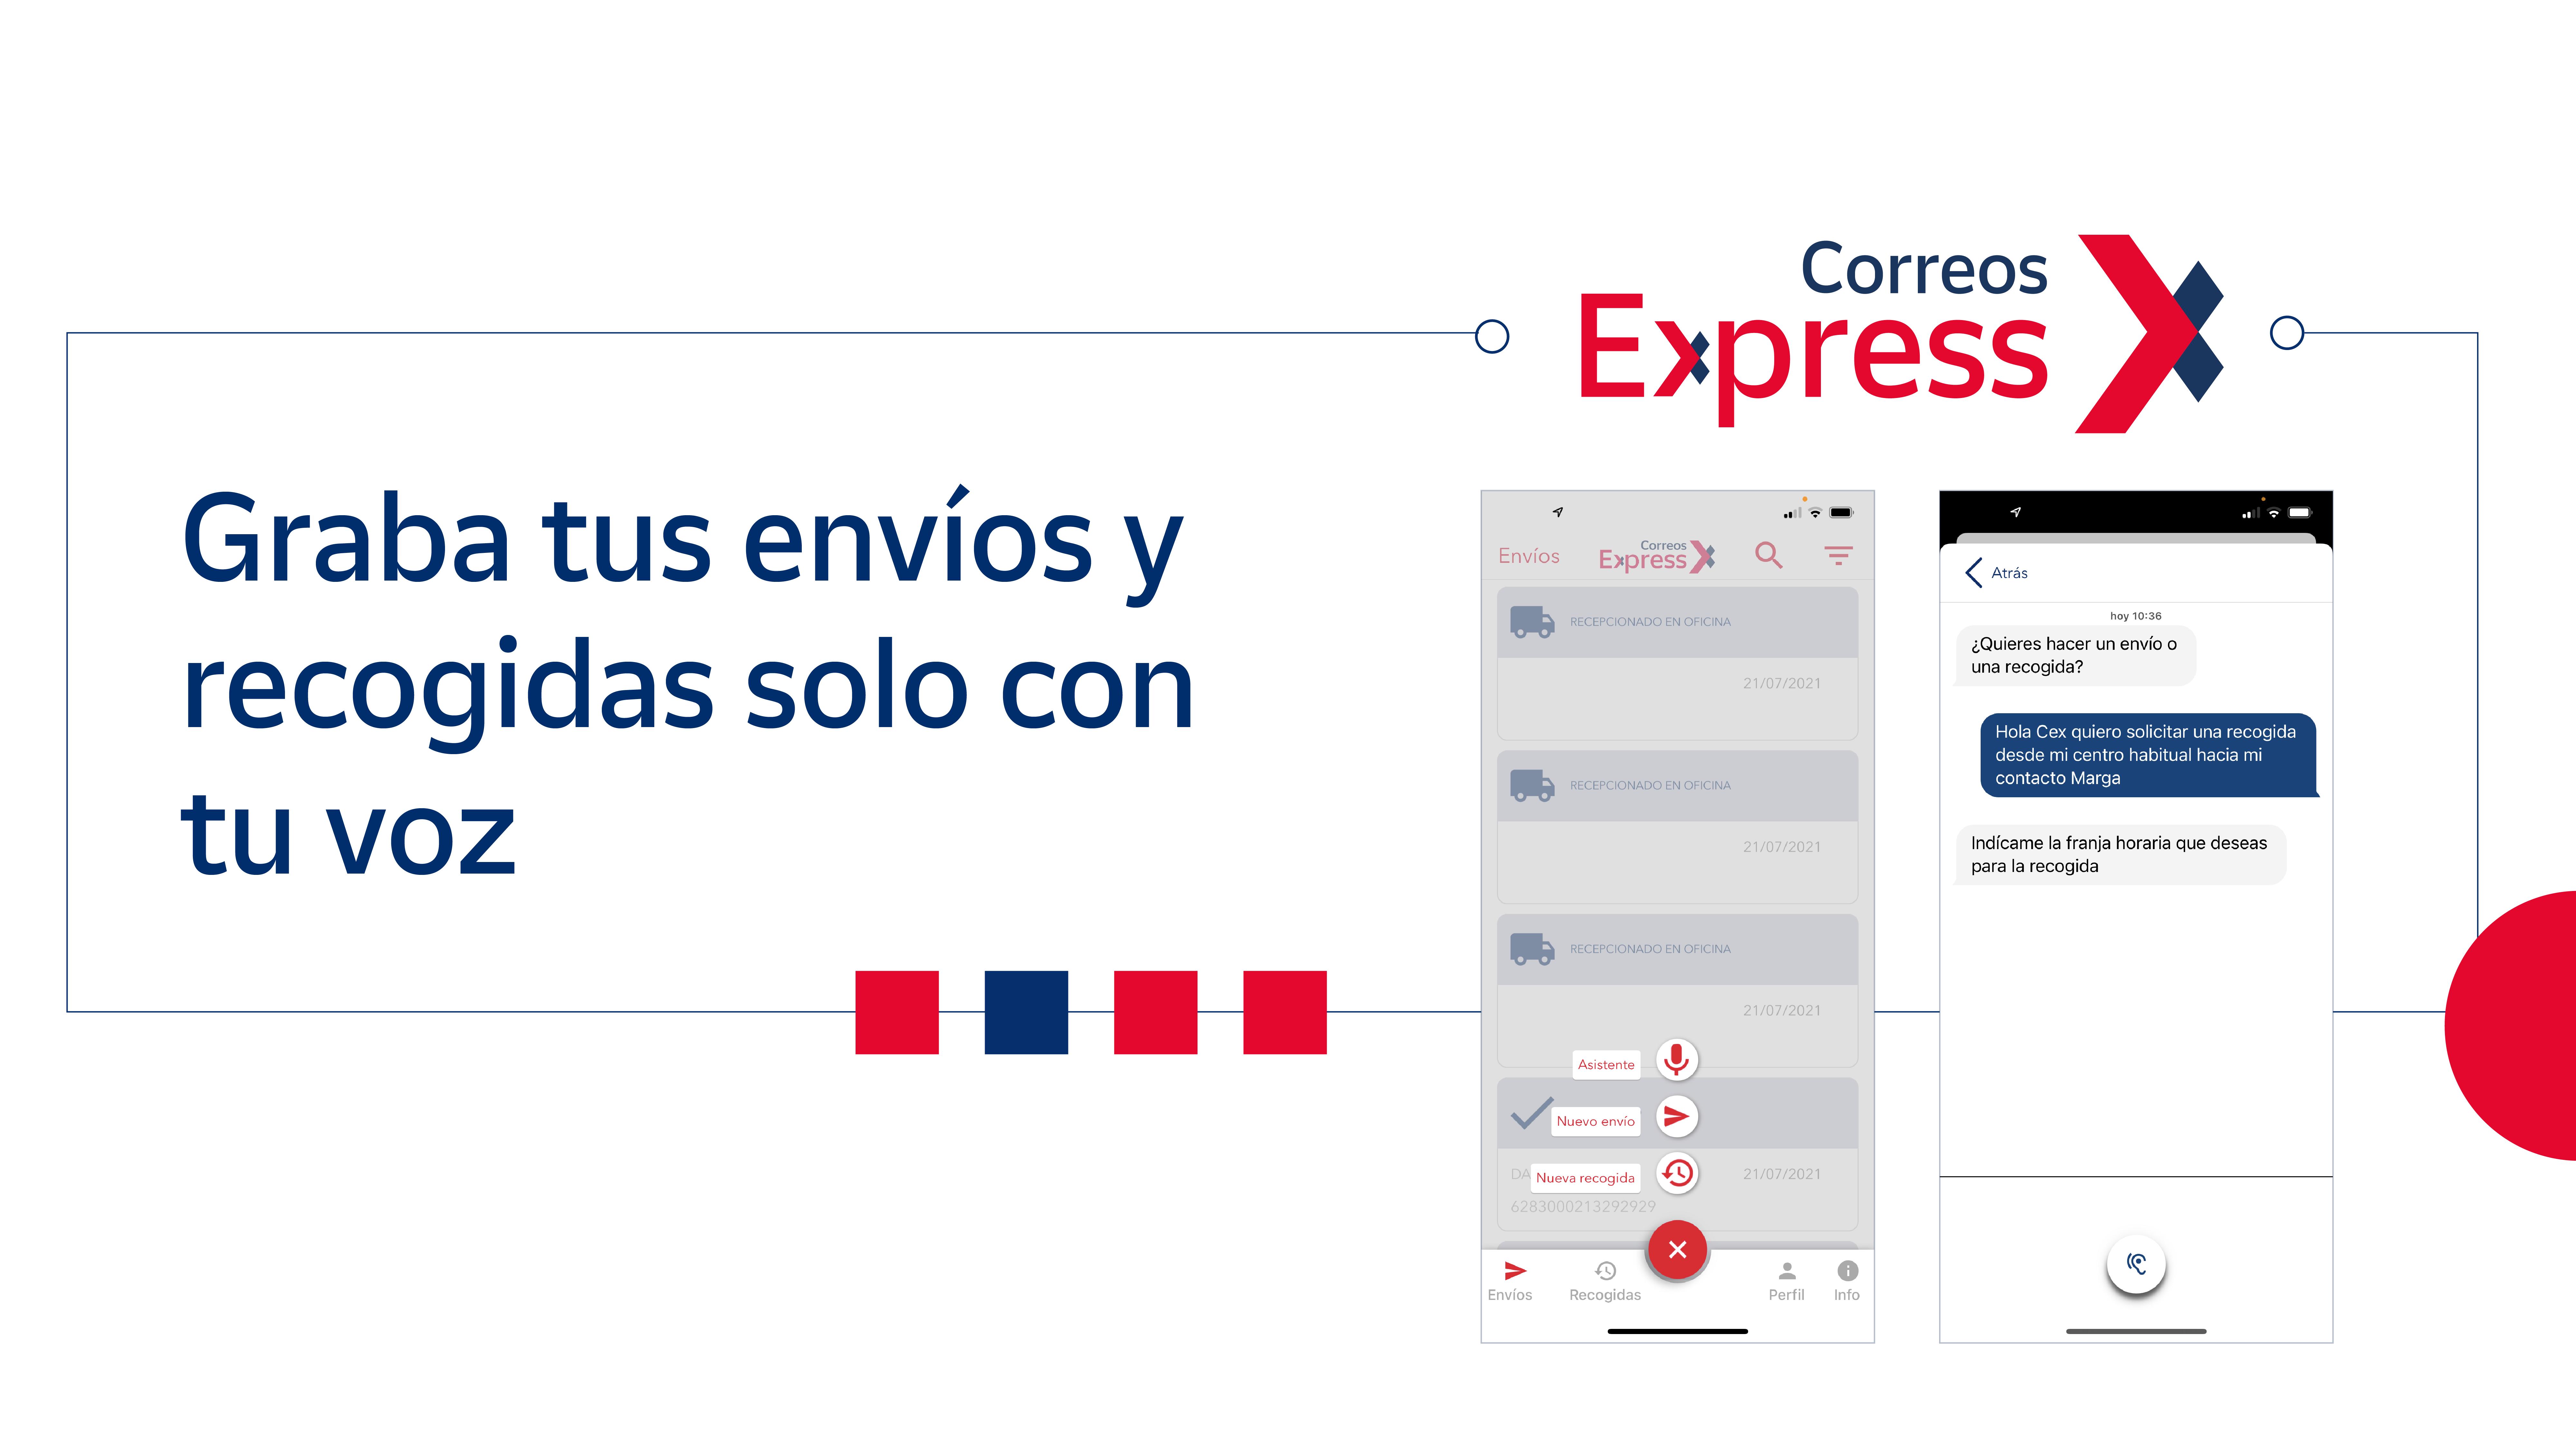 Correos Express lanza Cex, un asistente de voz que permite a los clientes grabar envíos y recogidas utilizando exclusivamente su voz